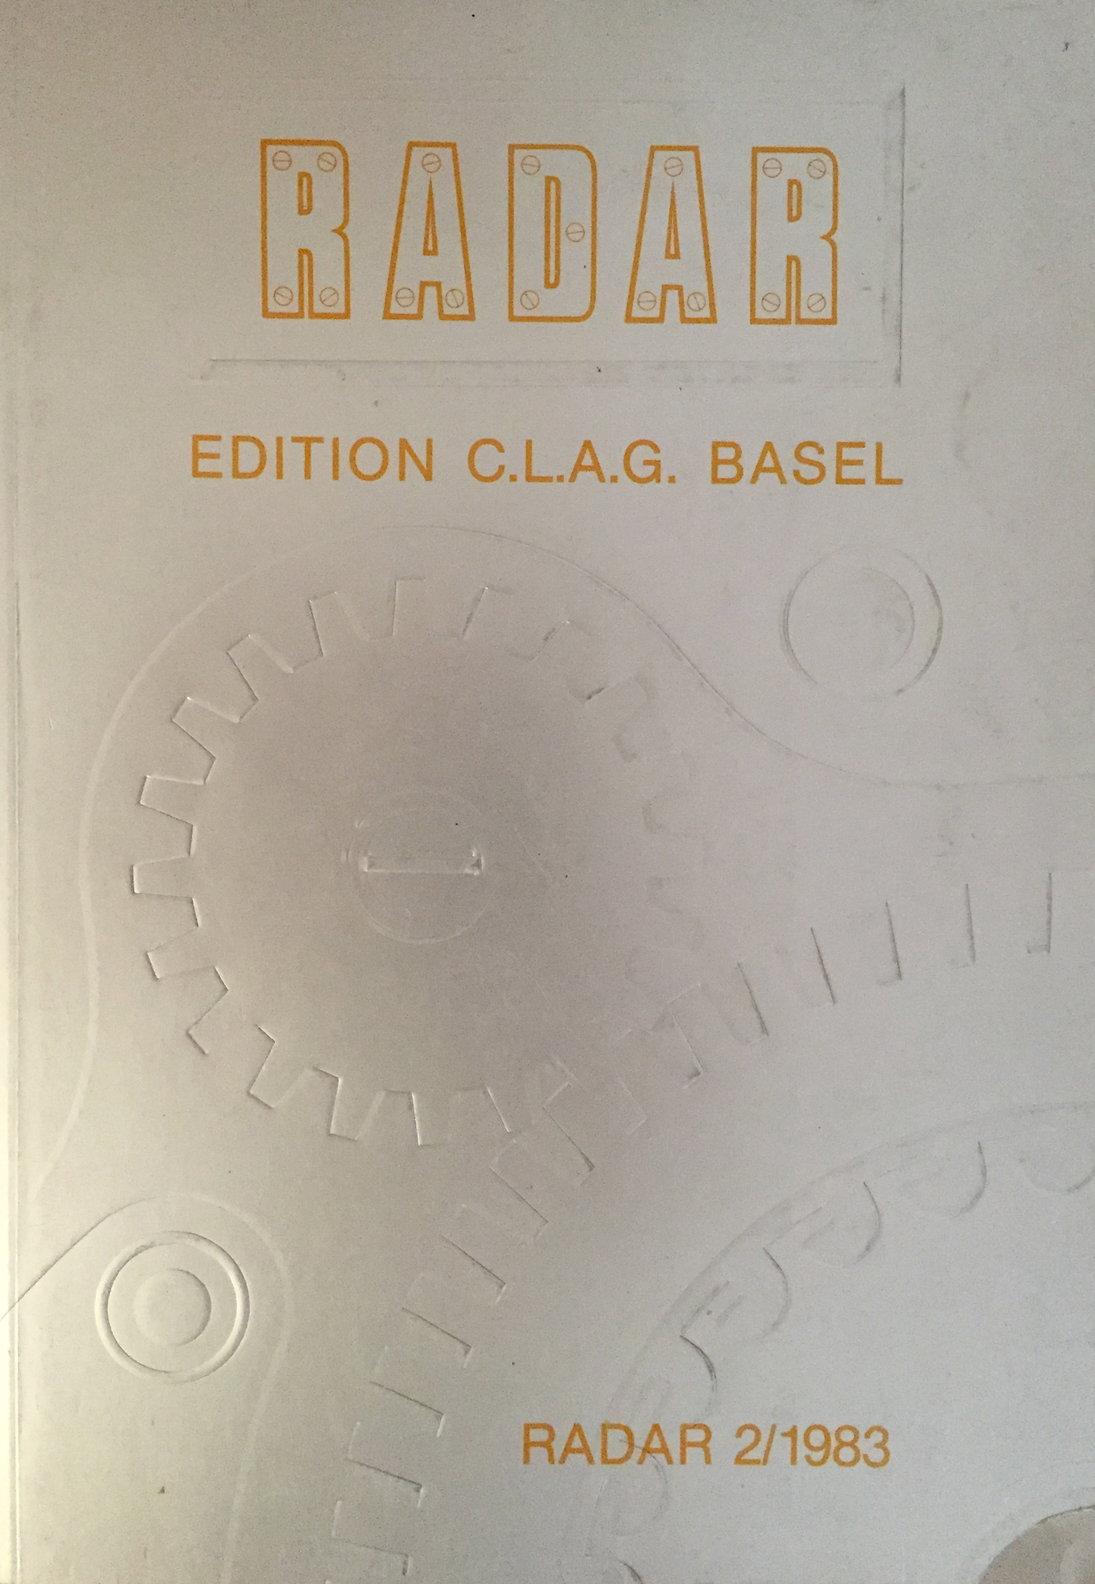 RADAR C.L.A.G. BASEL 1983